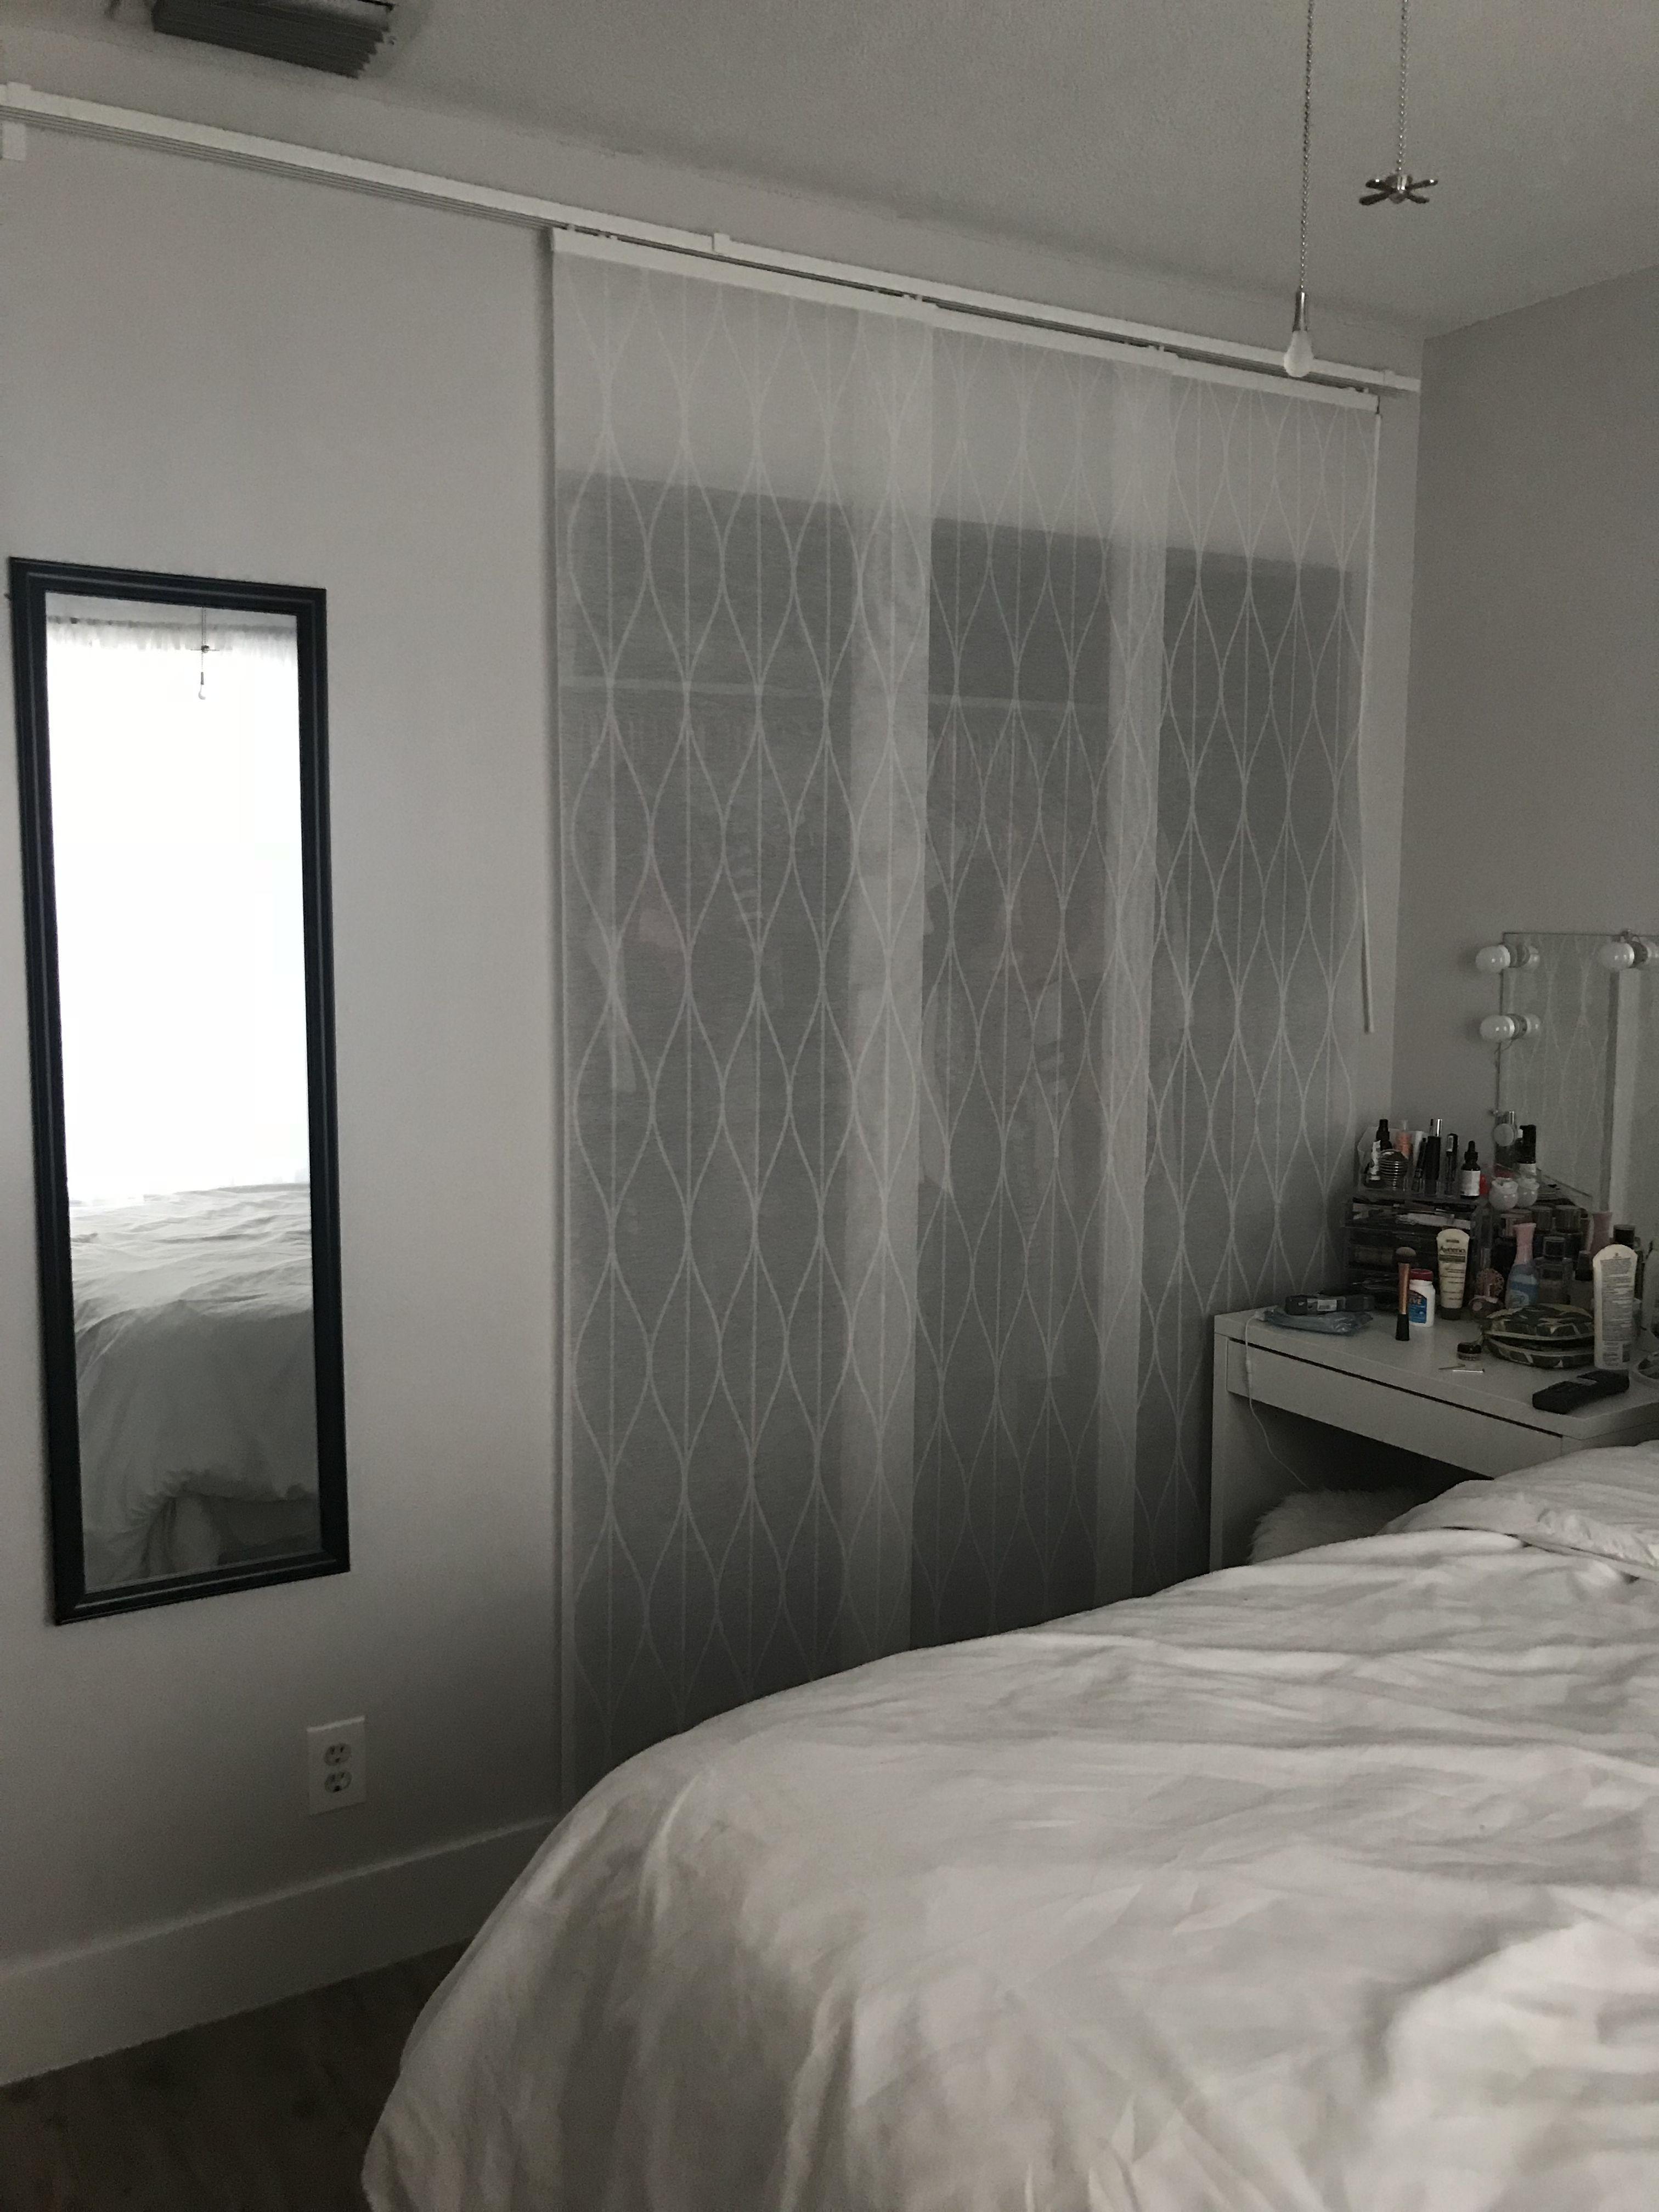 Ikea Panels As Closet Doors Ikea Panel Curtains Sliding